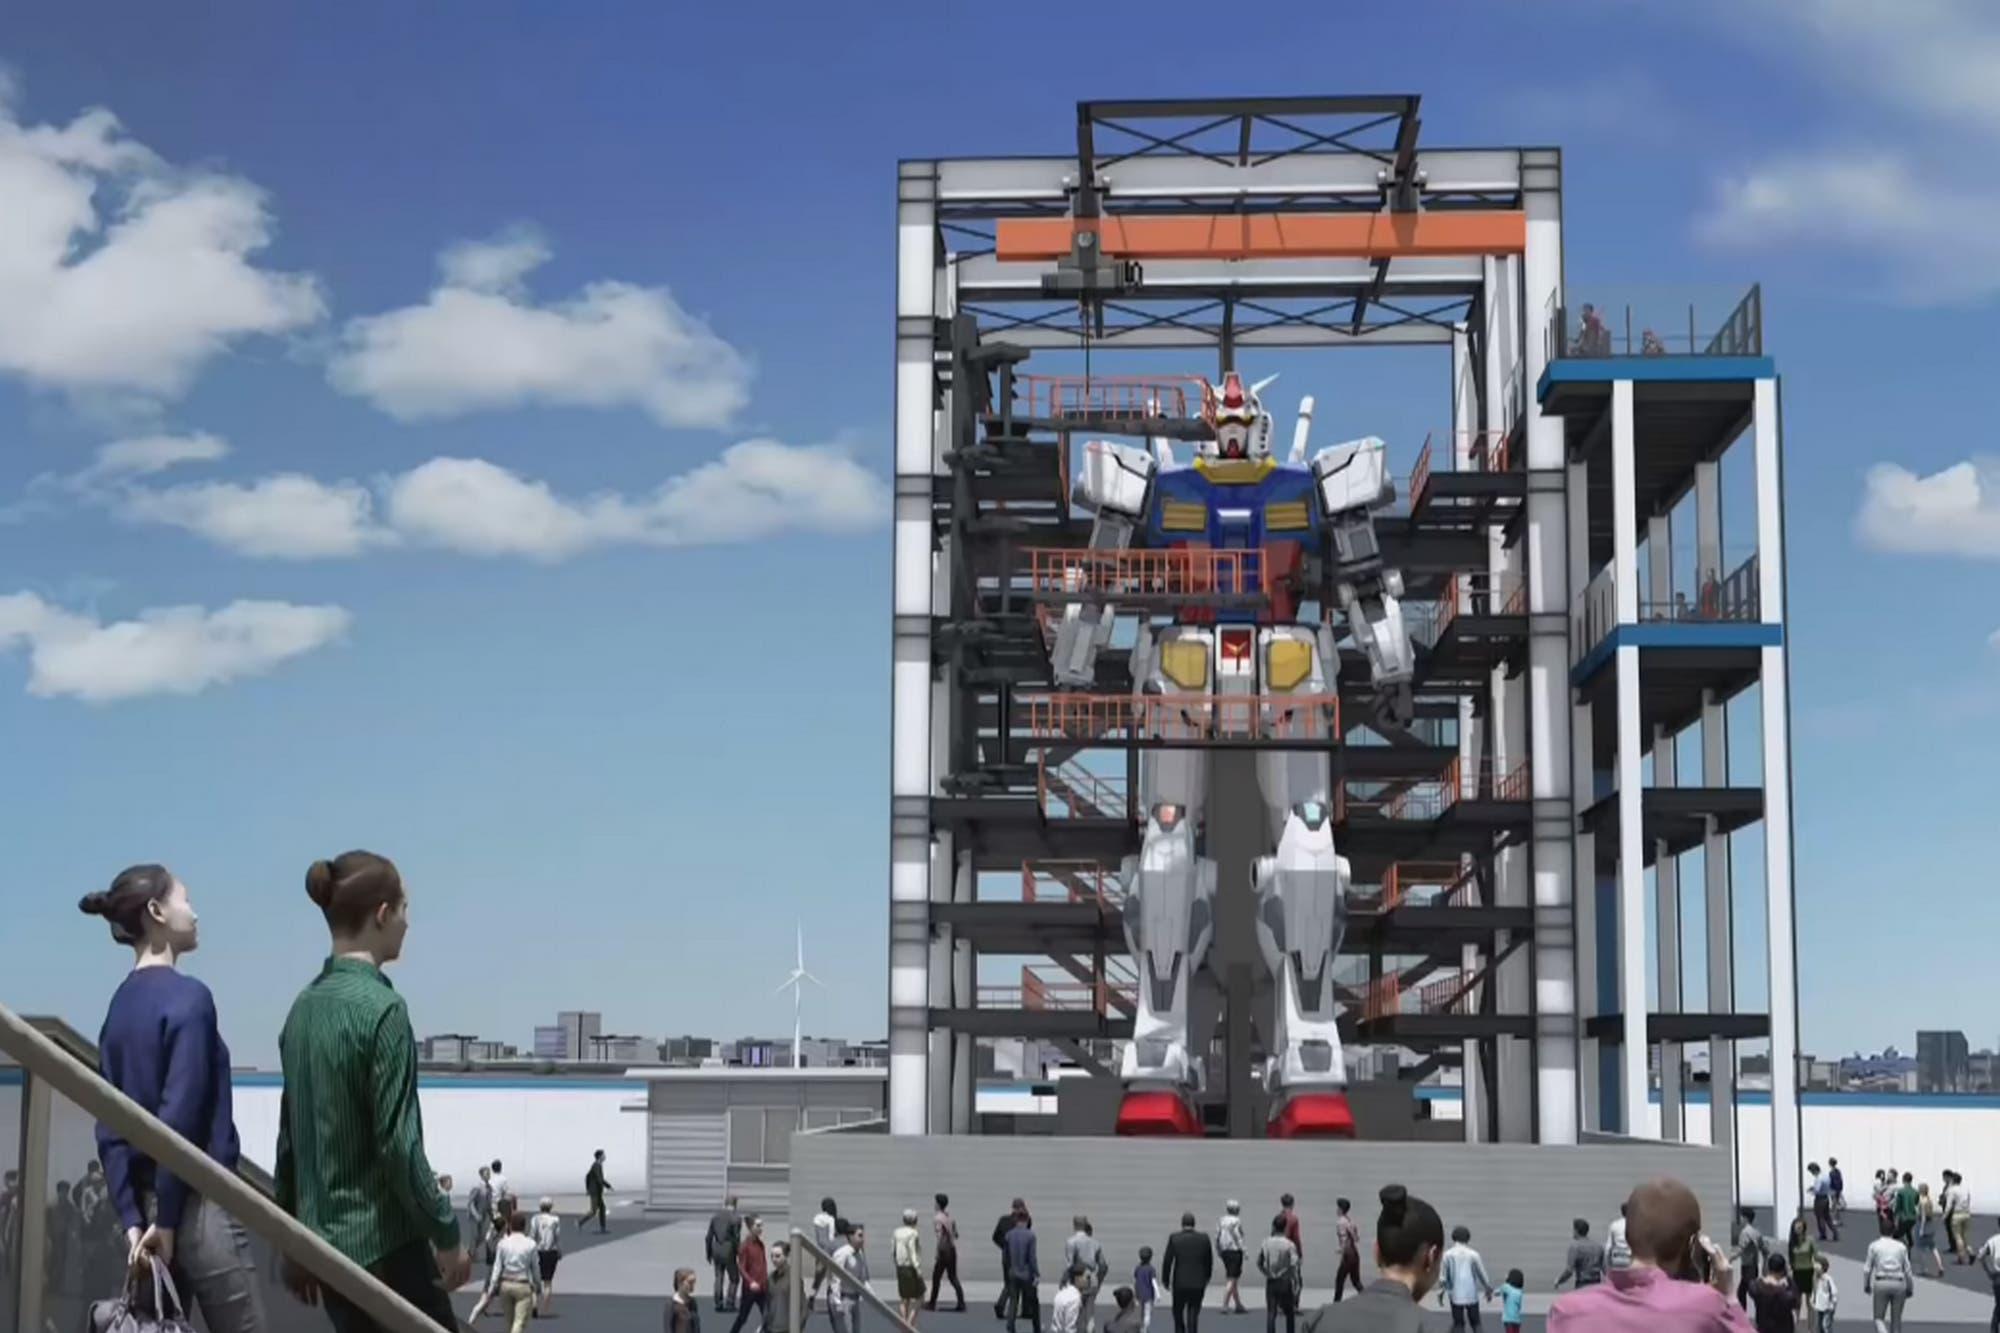 Gundam: Japón construirá un robot de 18 metros de altura que puede caminar